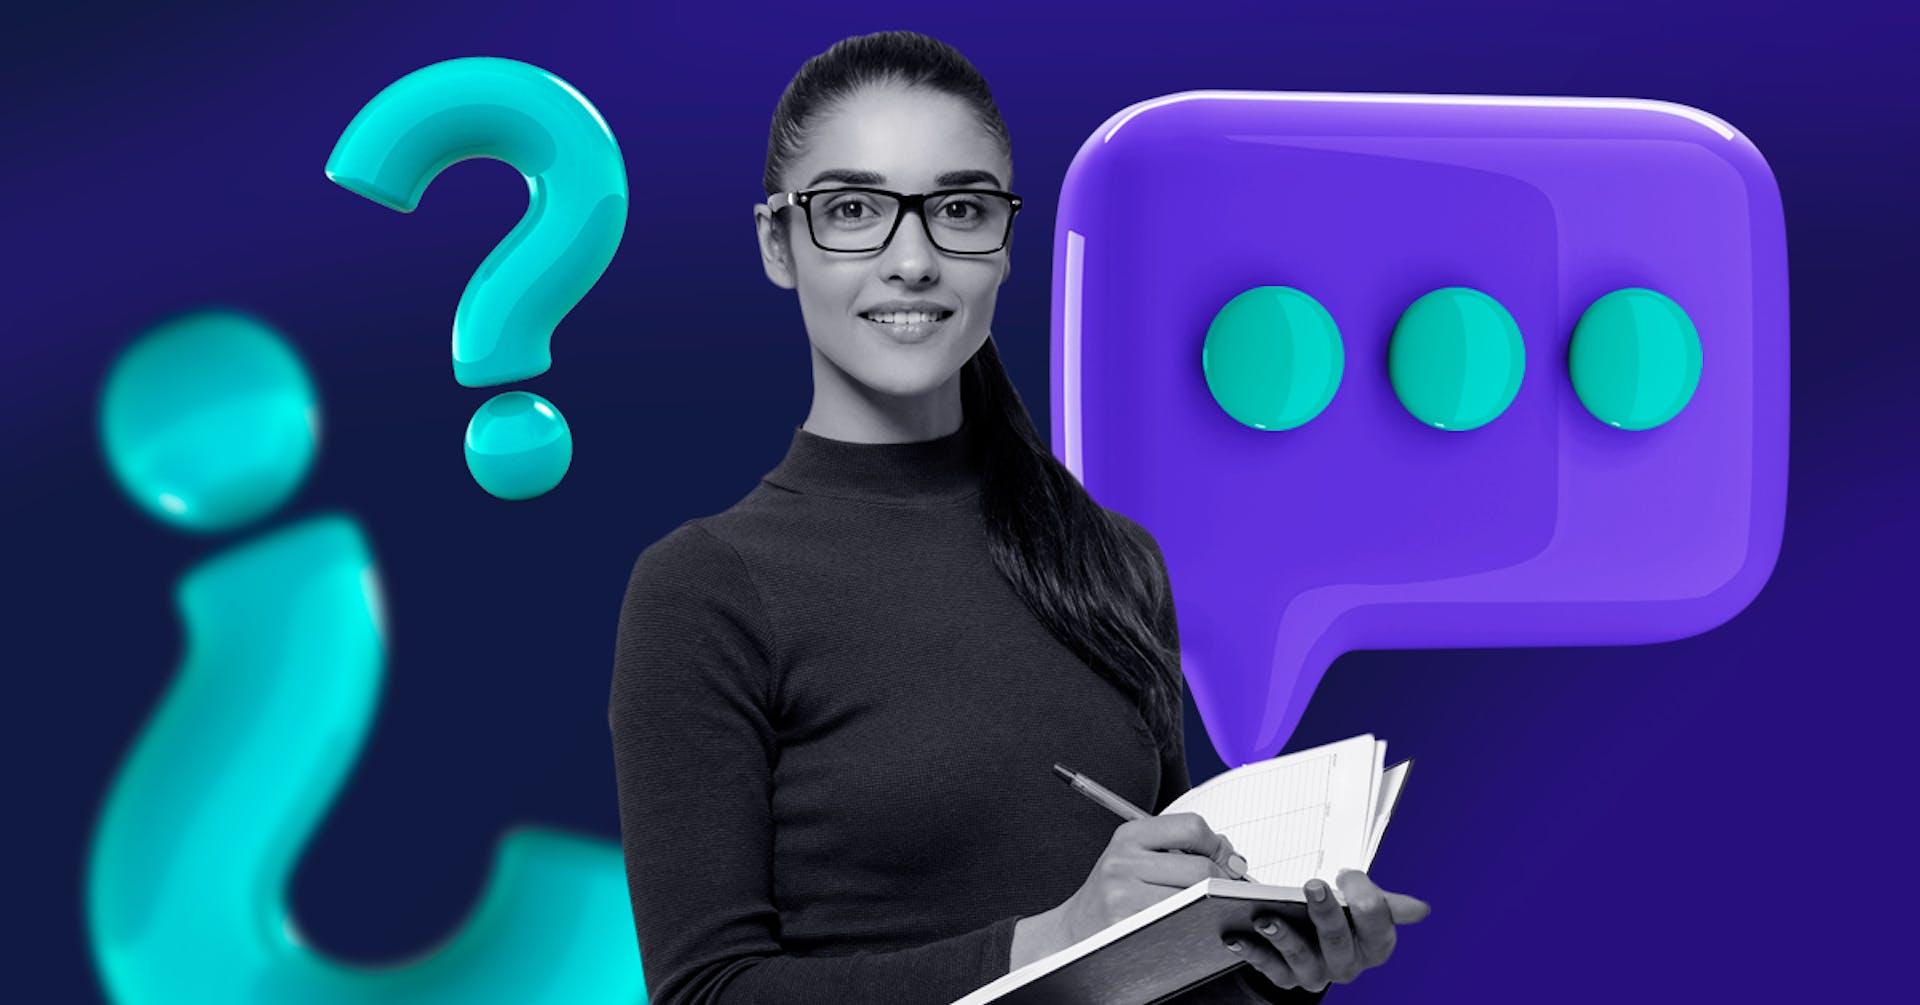 Prepárate y contesta las 25 preguntas más comunes en una entrevista de trabajo en inglés